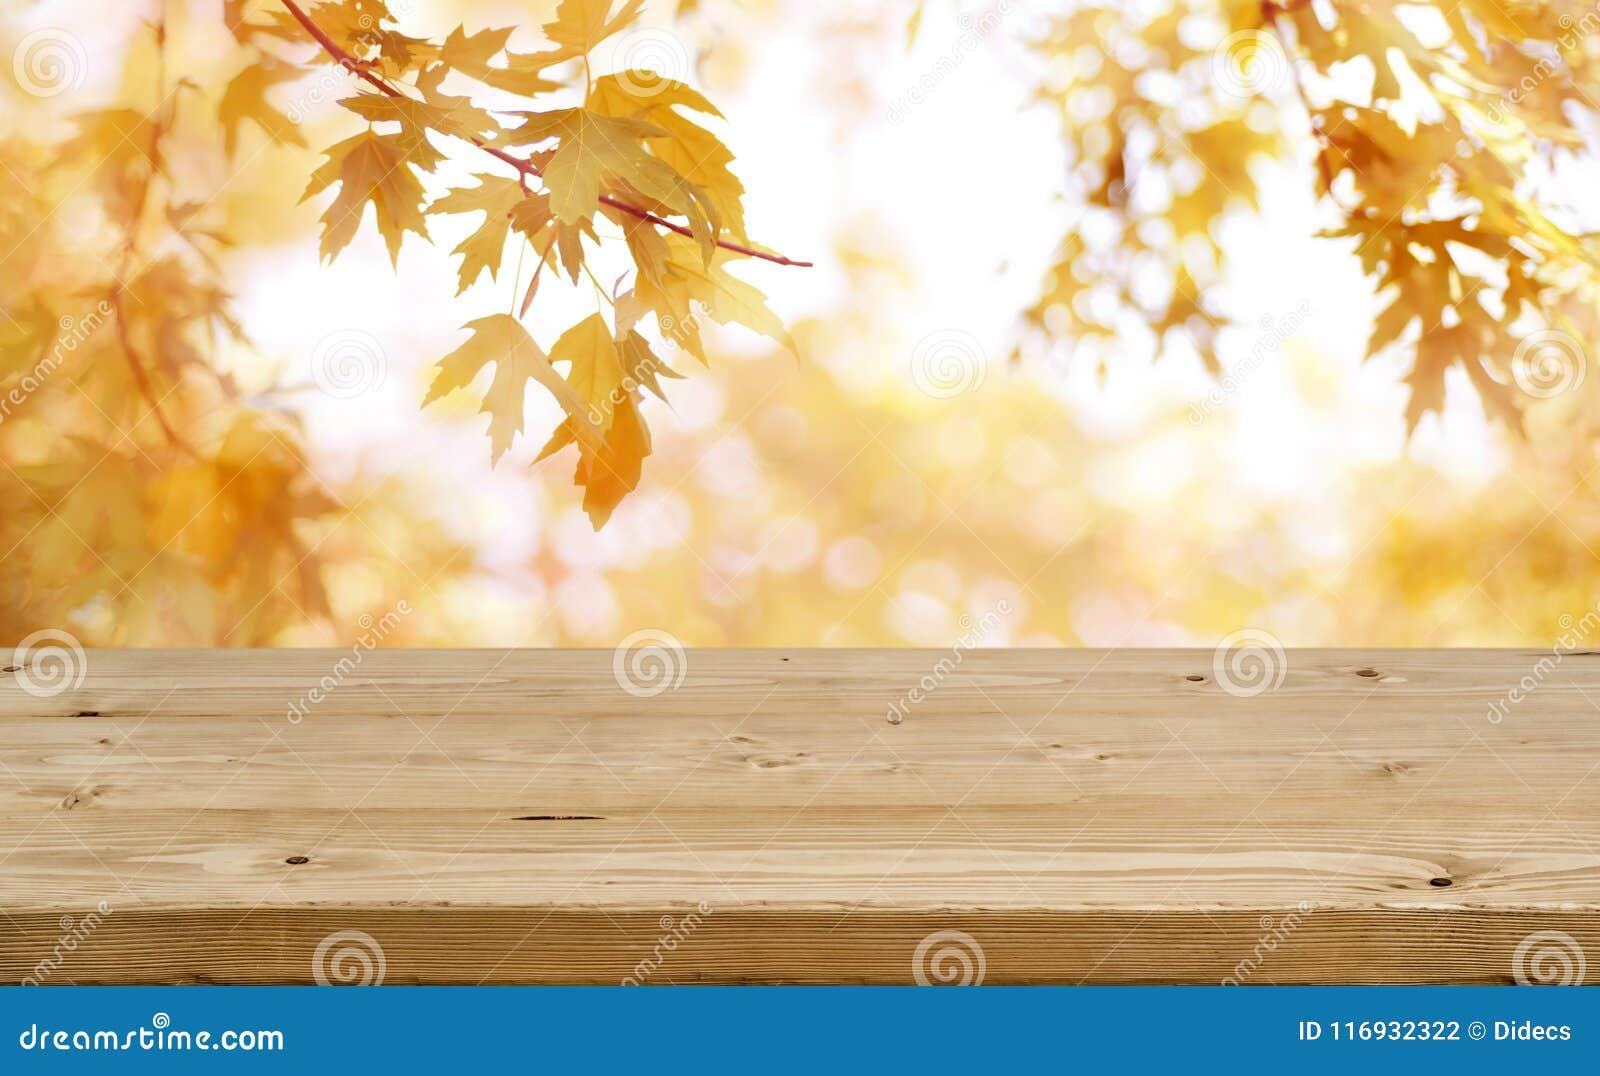 La tabla de madera delante del extracto empañó el fondo colorido del otoño